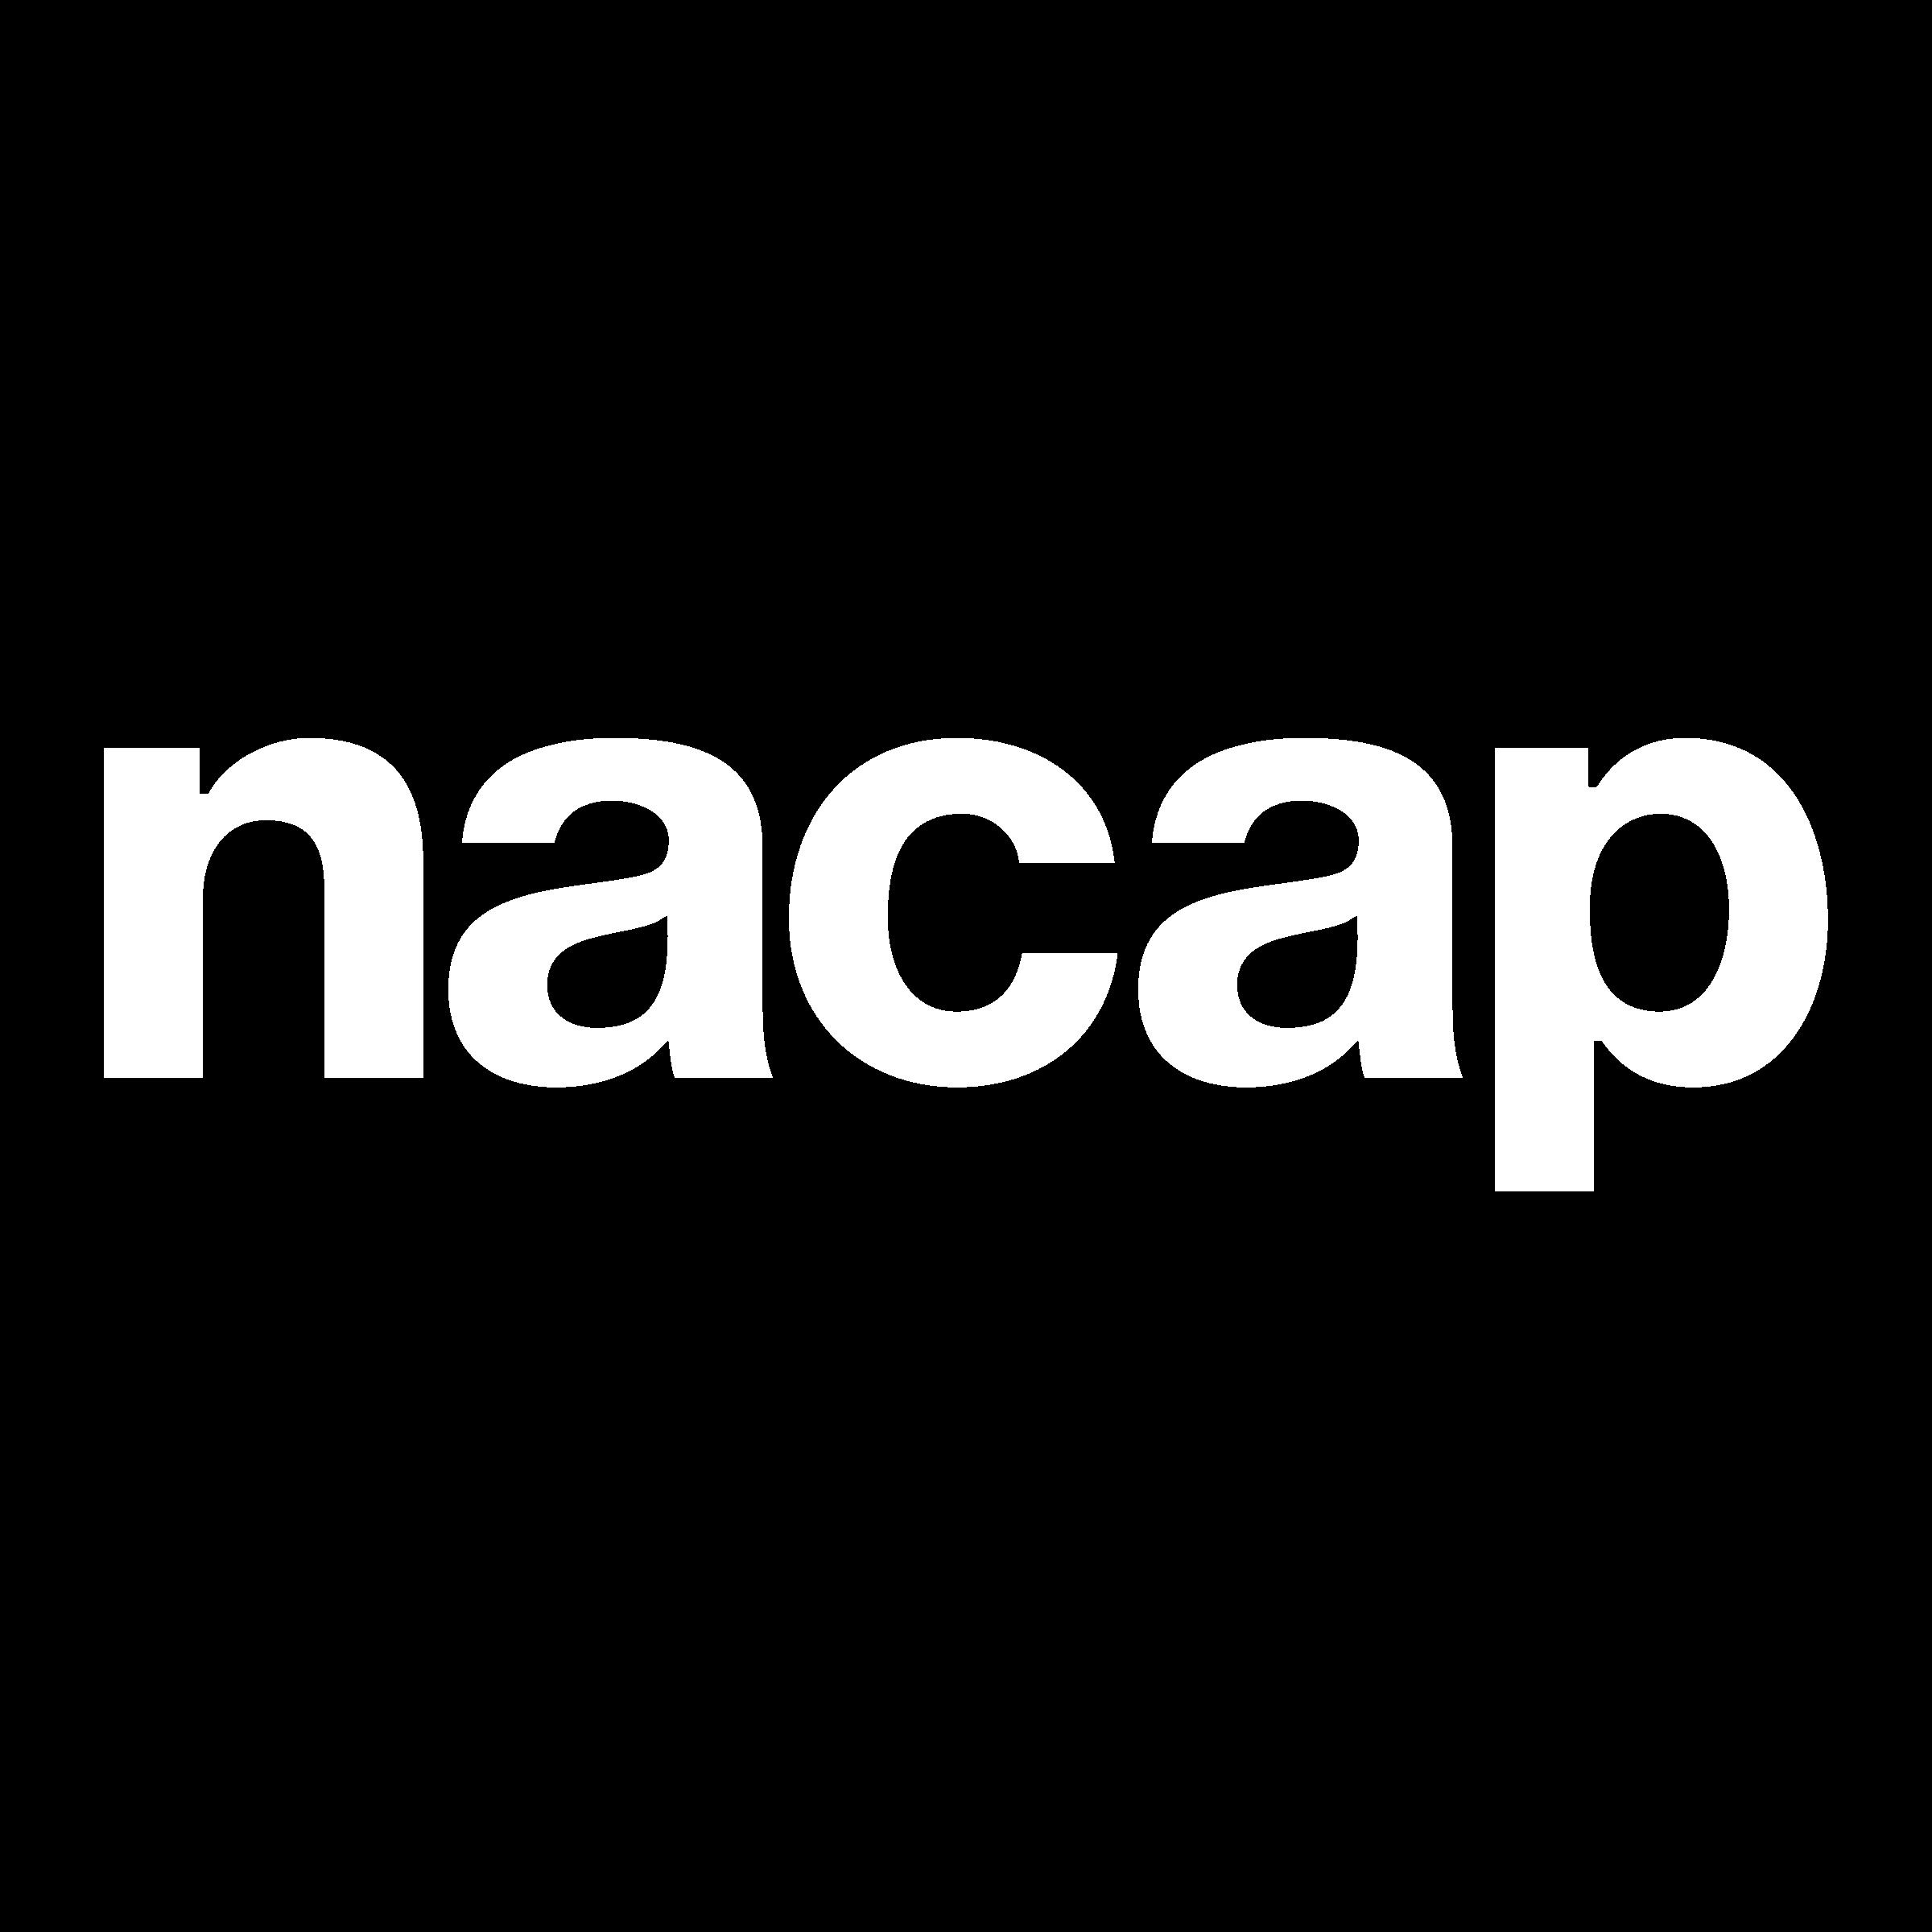 Nacap Nederland BV Logo PNG Transparent & SVG Vector.